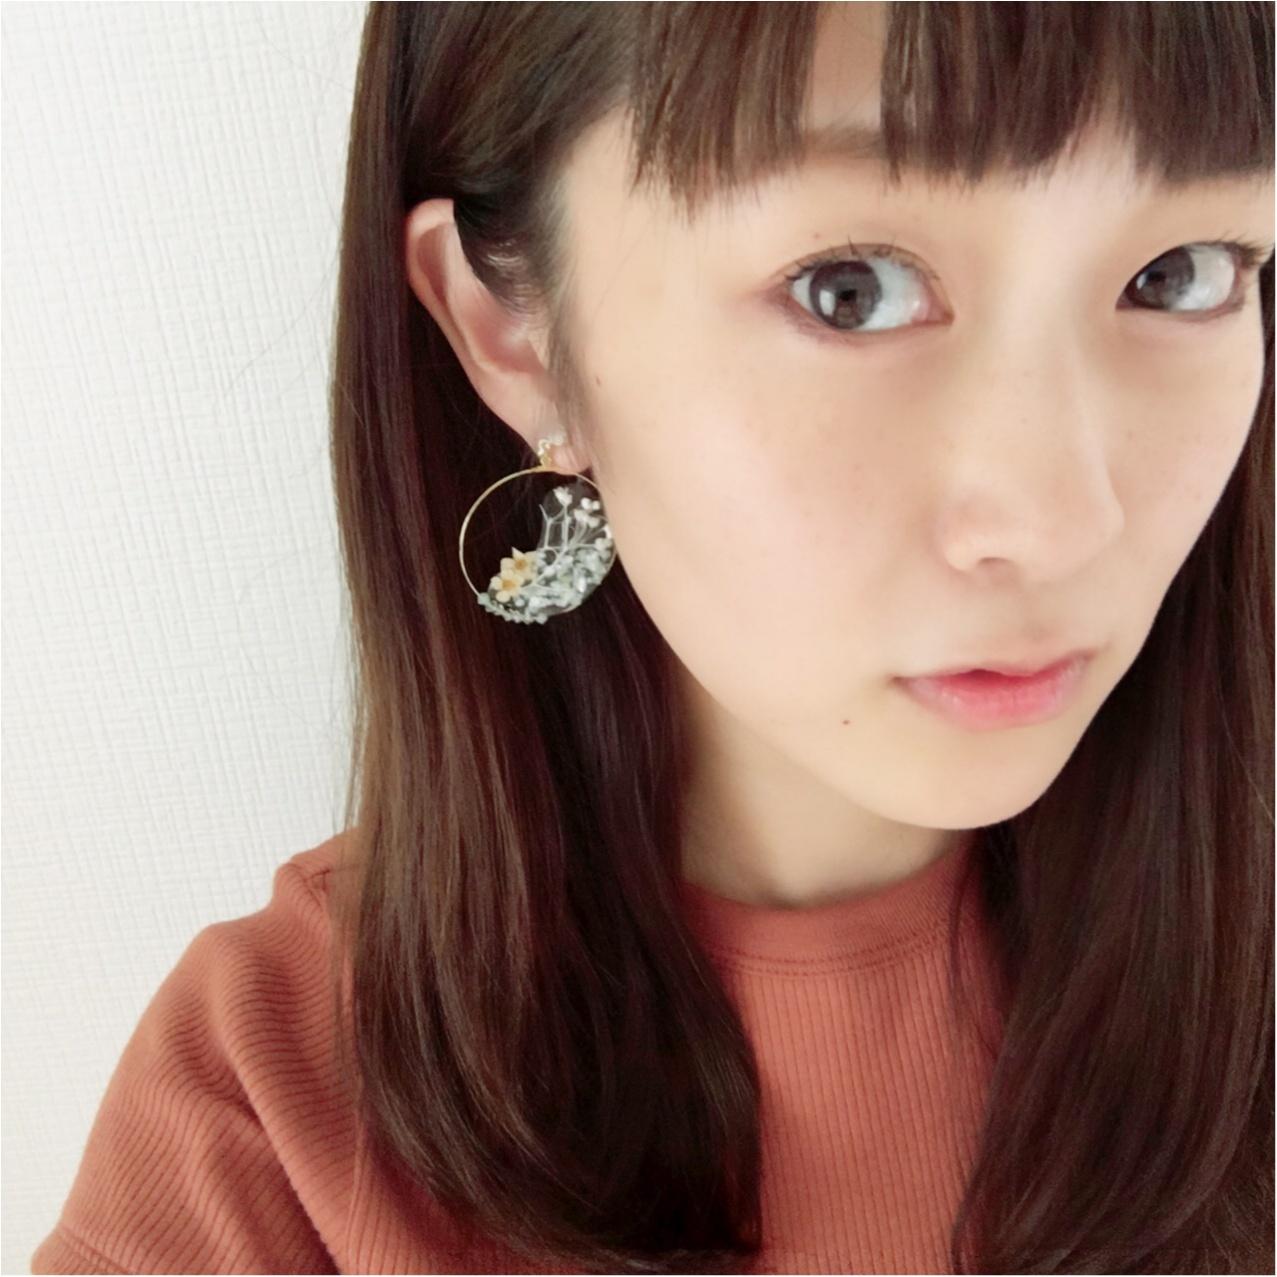 【レシピ公開】ナチュラル可愛いハンドメイドのボタニカルイヤリング♡_4